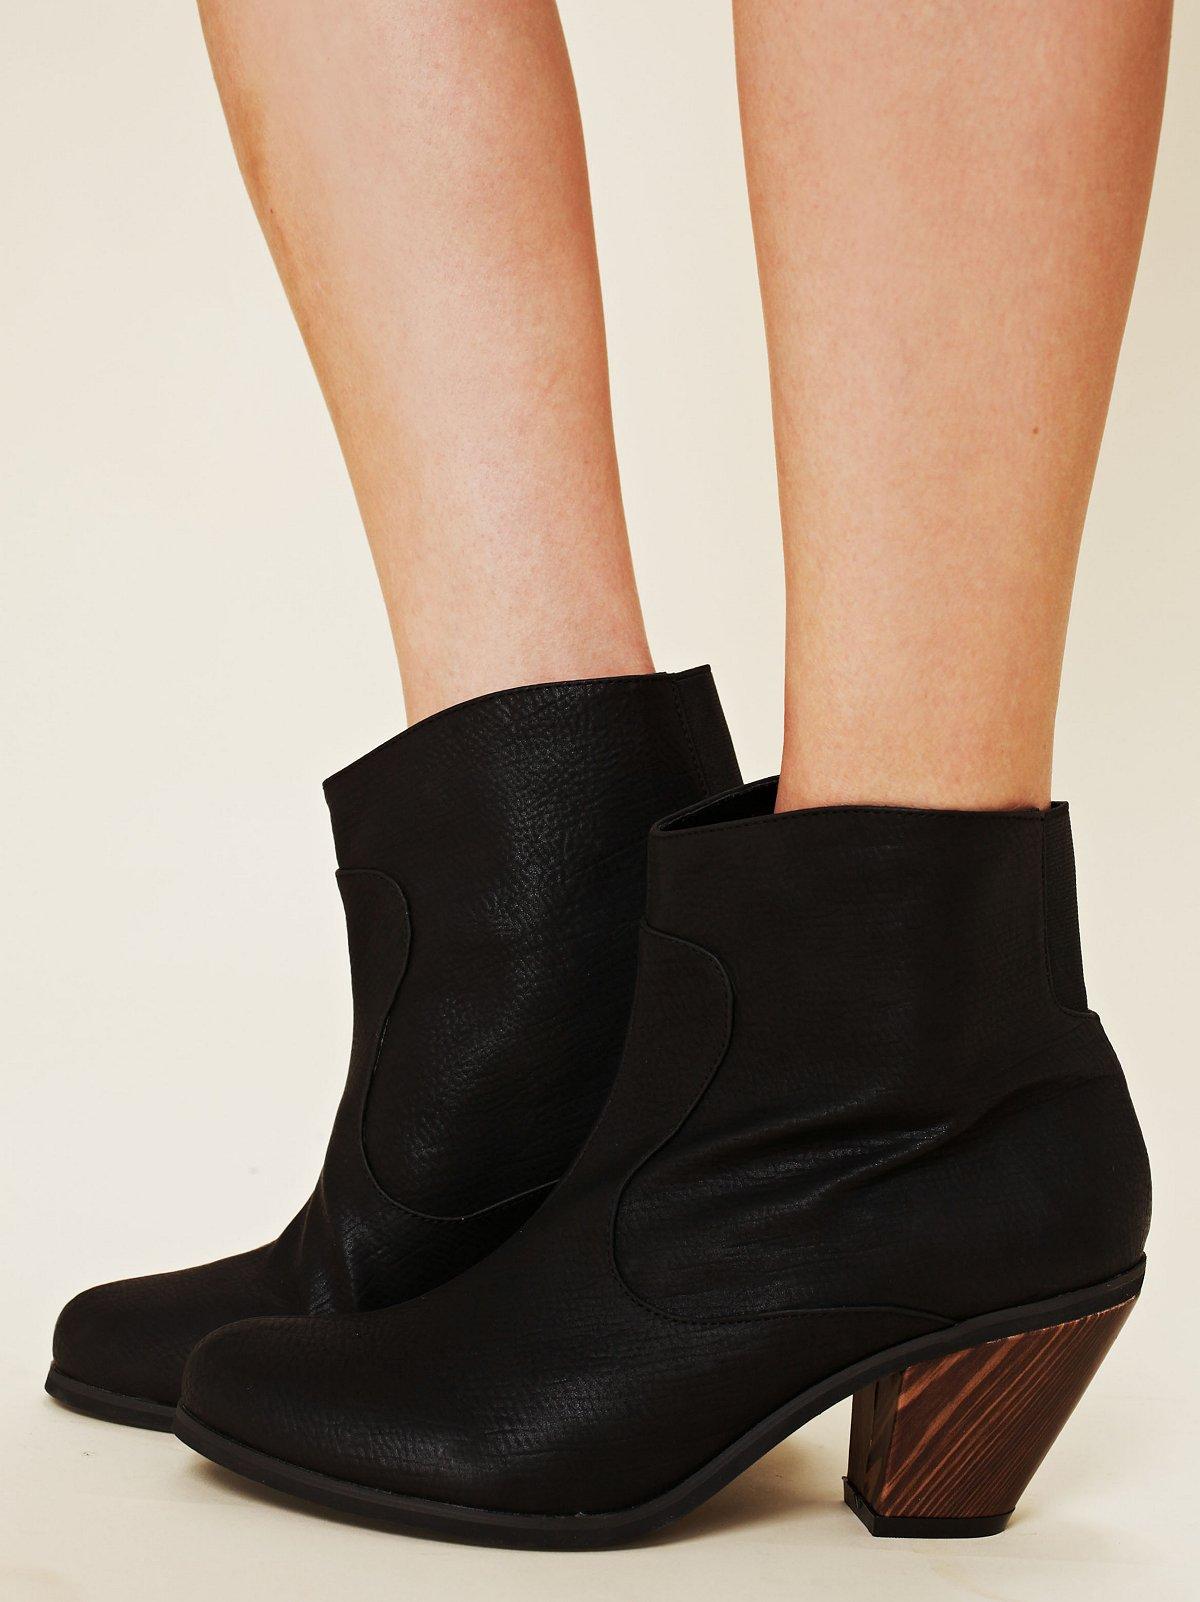 Essex Vegan Boot